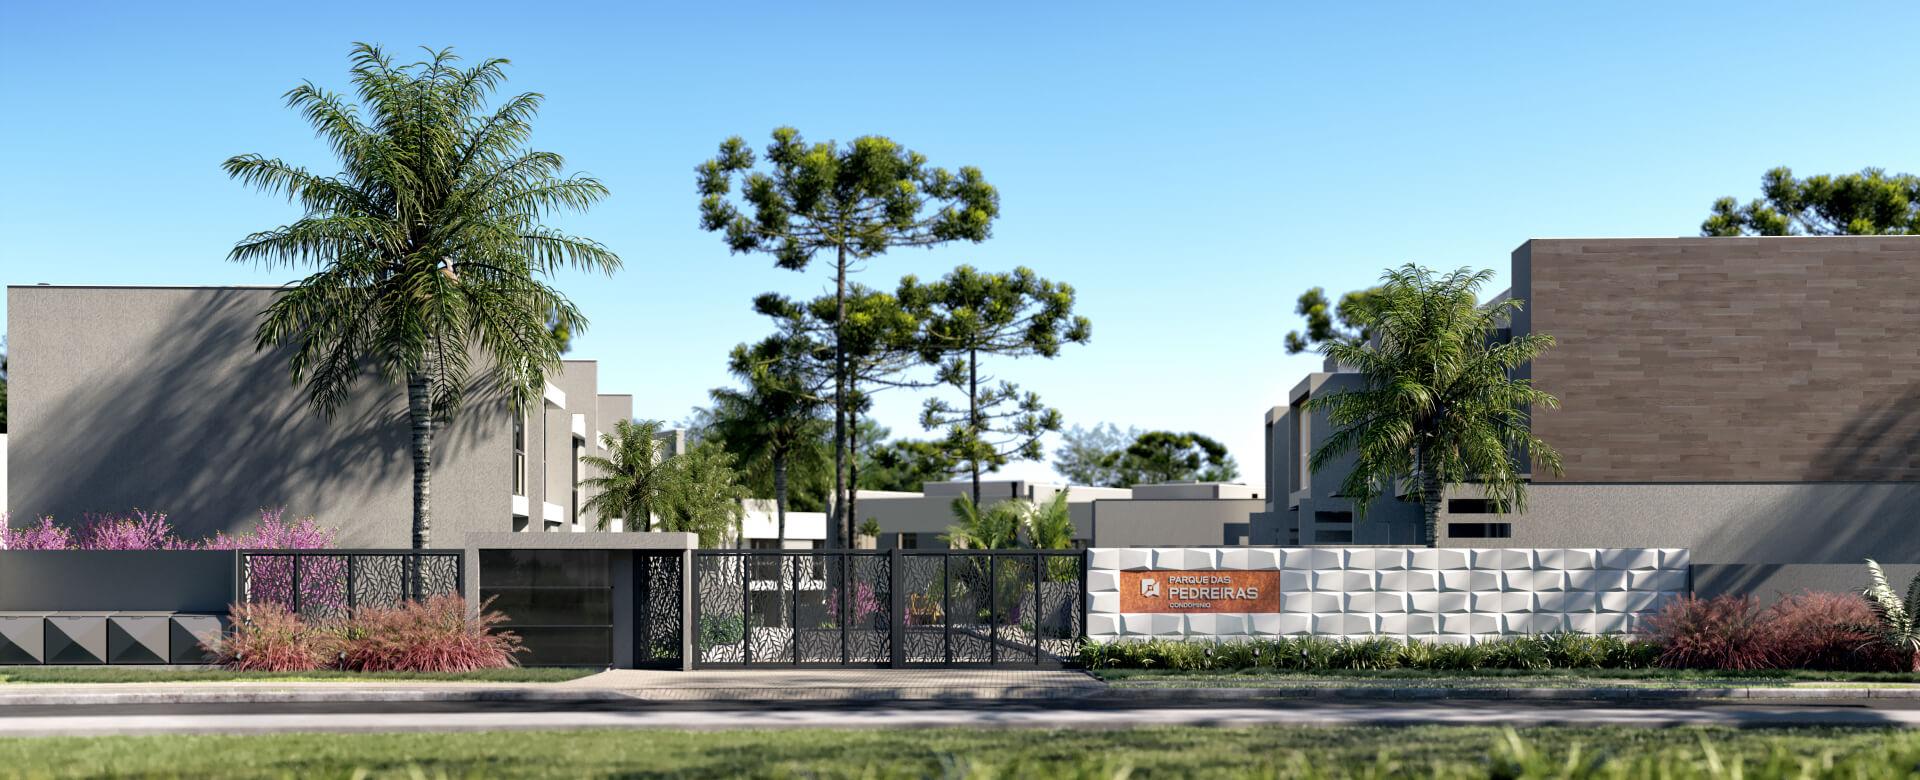 Parque das Pedreiras, foto 1